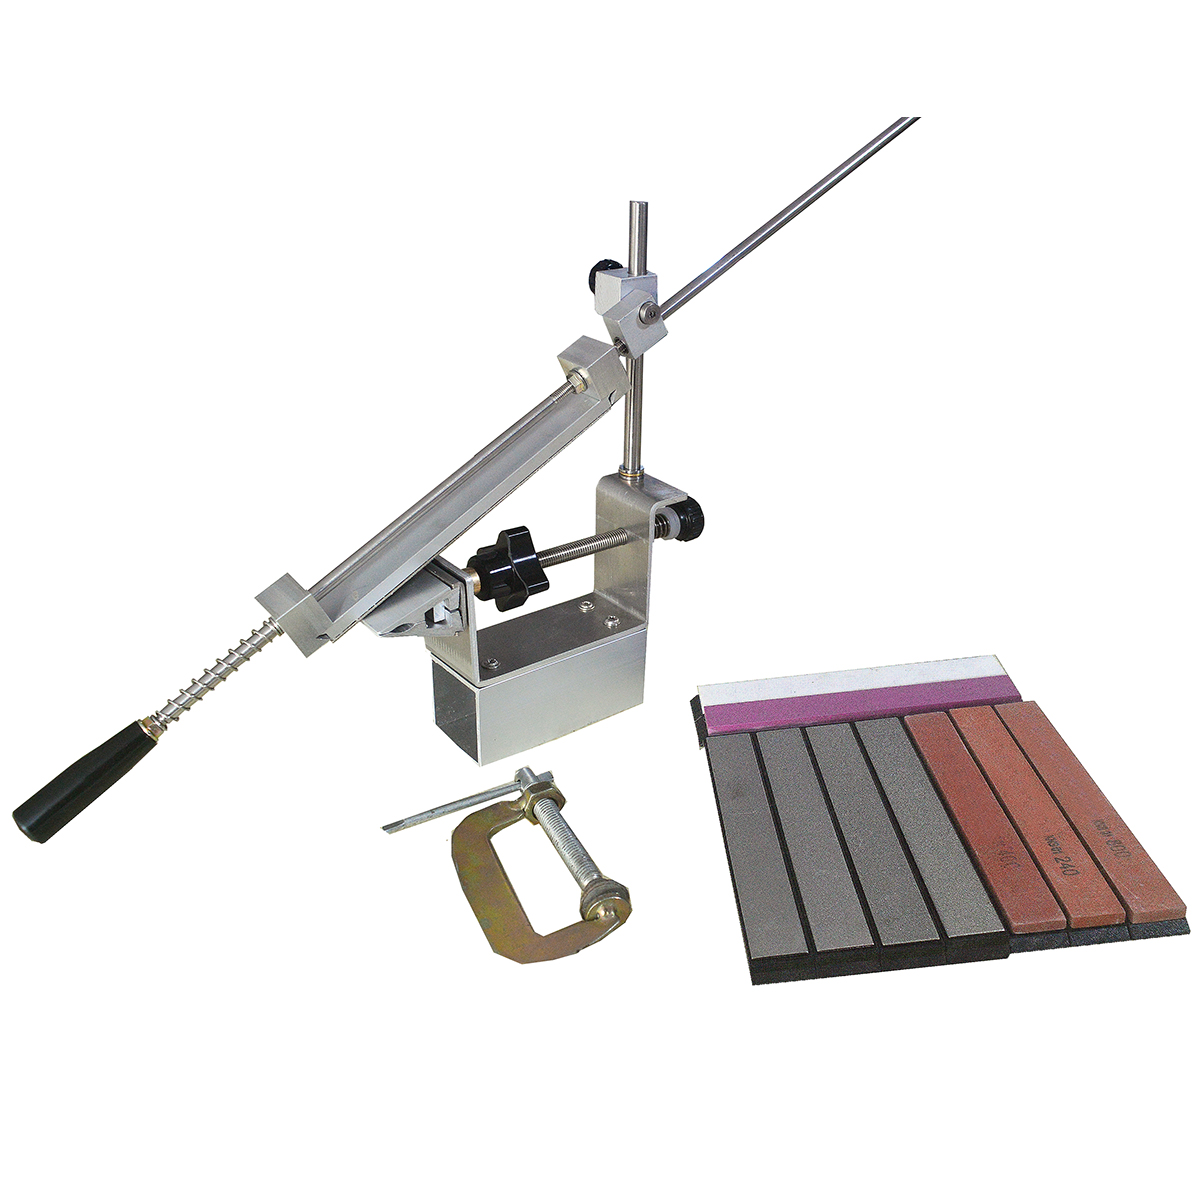 Messer Spitzer Professionelle Größeren Grad Neueste Tragbare 360 Grad Rotation clip Apex rand RAND KME system 1 diamant stein